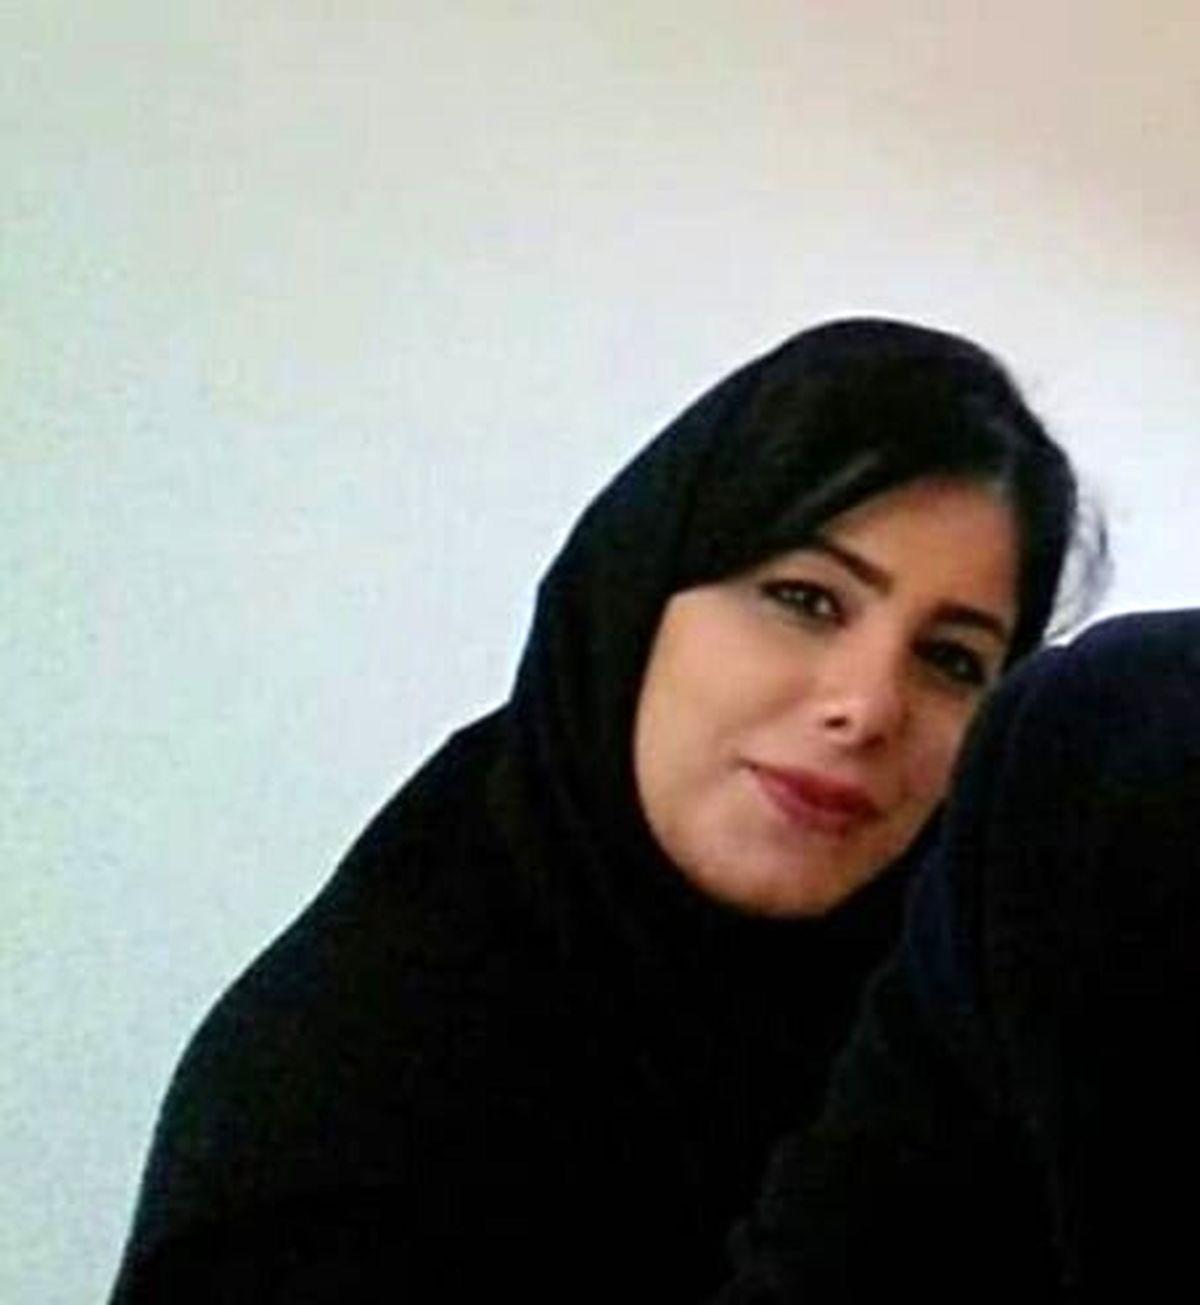 کرونا جان مایا اشرفی خبرنگار جوان را گرفت